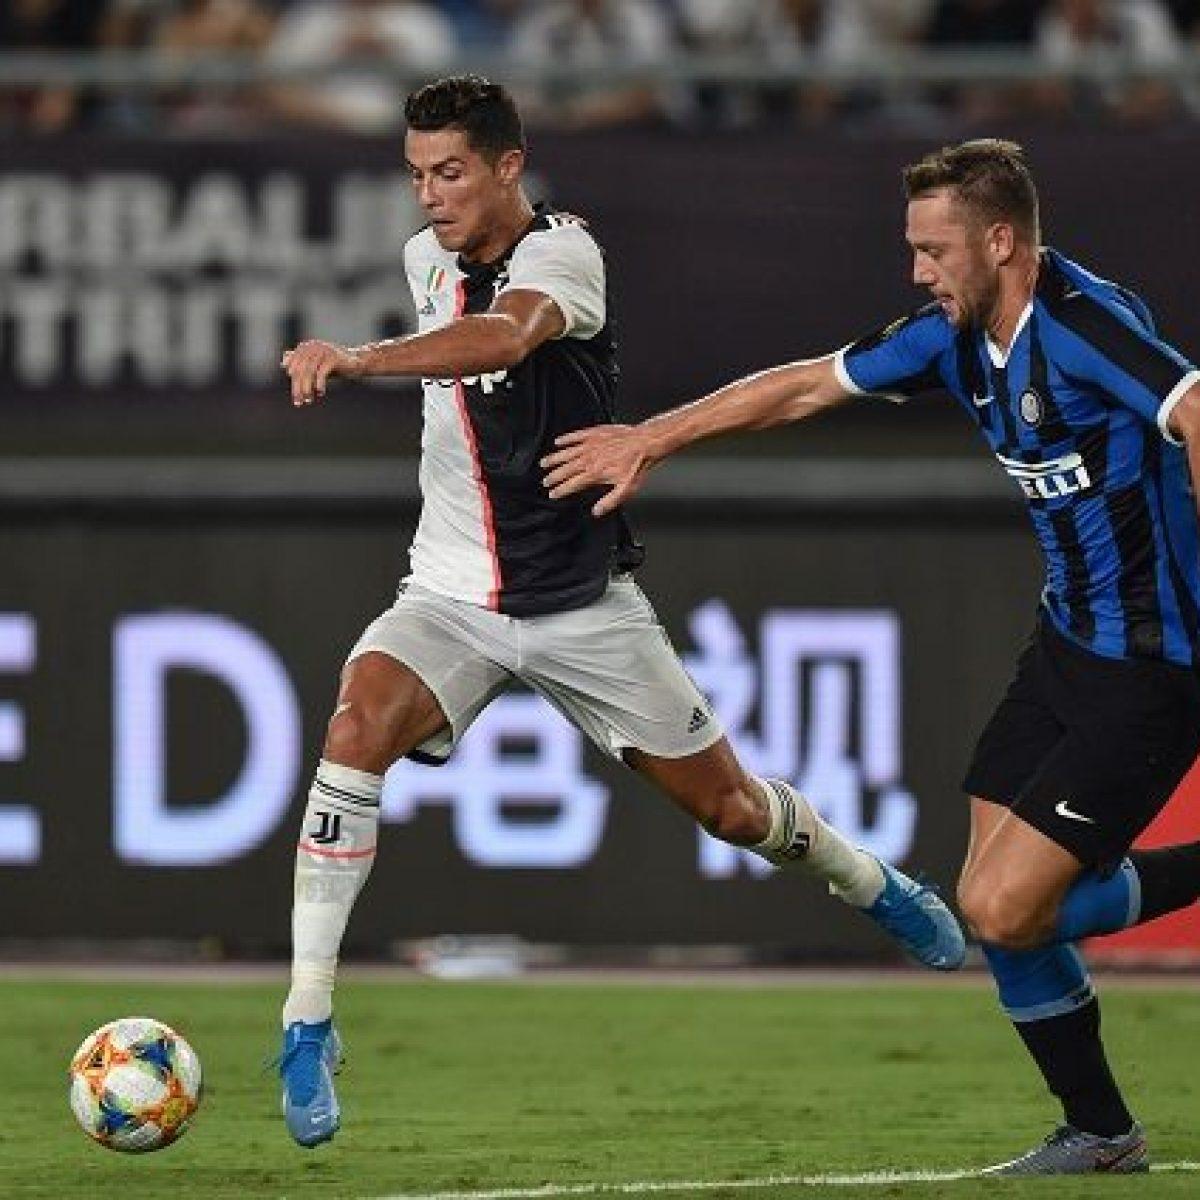 Serie A 2019 2020 Prima Giornata Di Campionato Ultimissime Notizie Probabili Formazioni